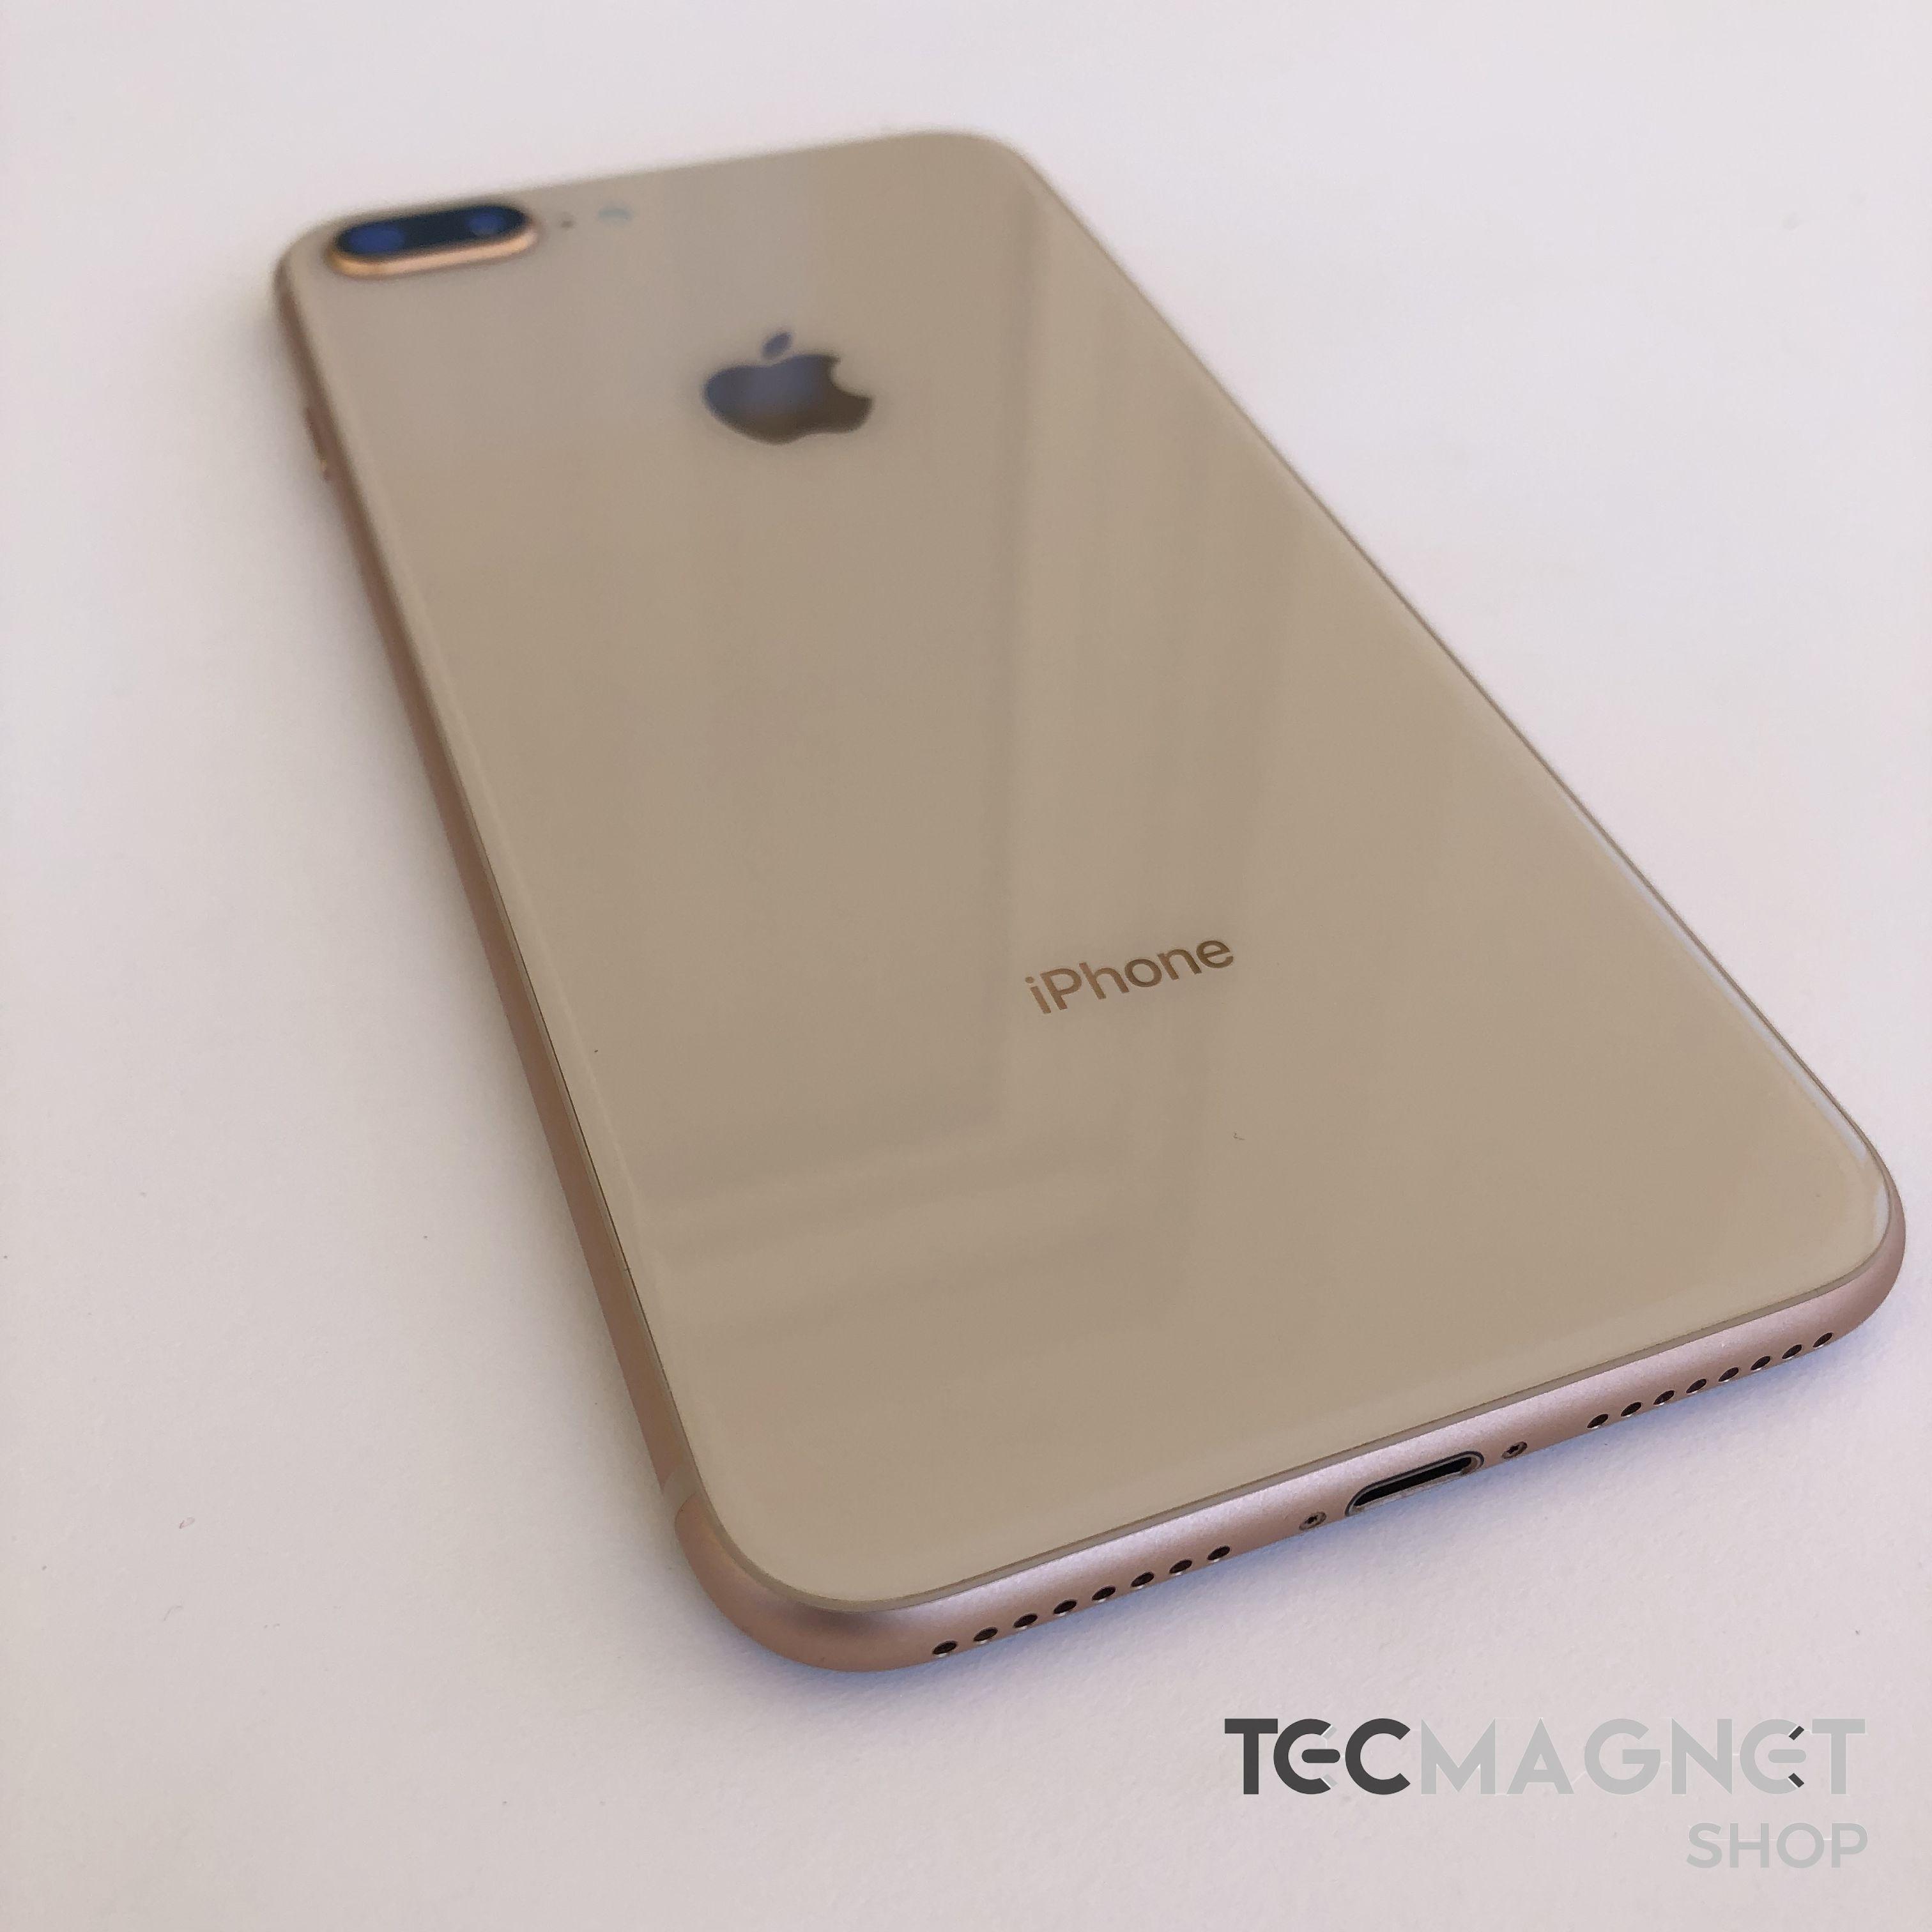 Metalo Linija Plysys Krastas Apple 8 Plus 256gb Comfortsuitestomball Com